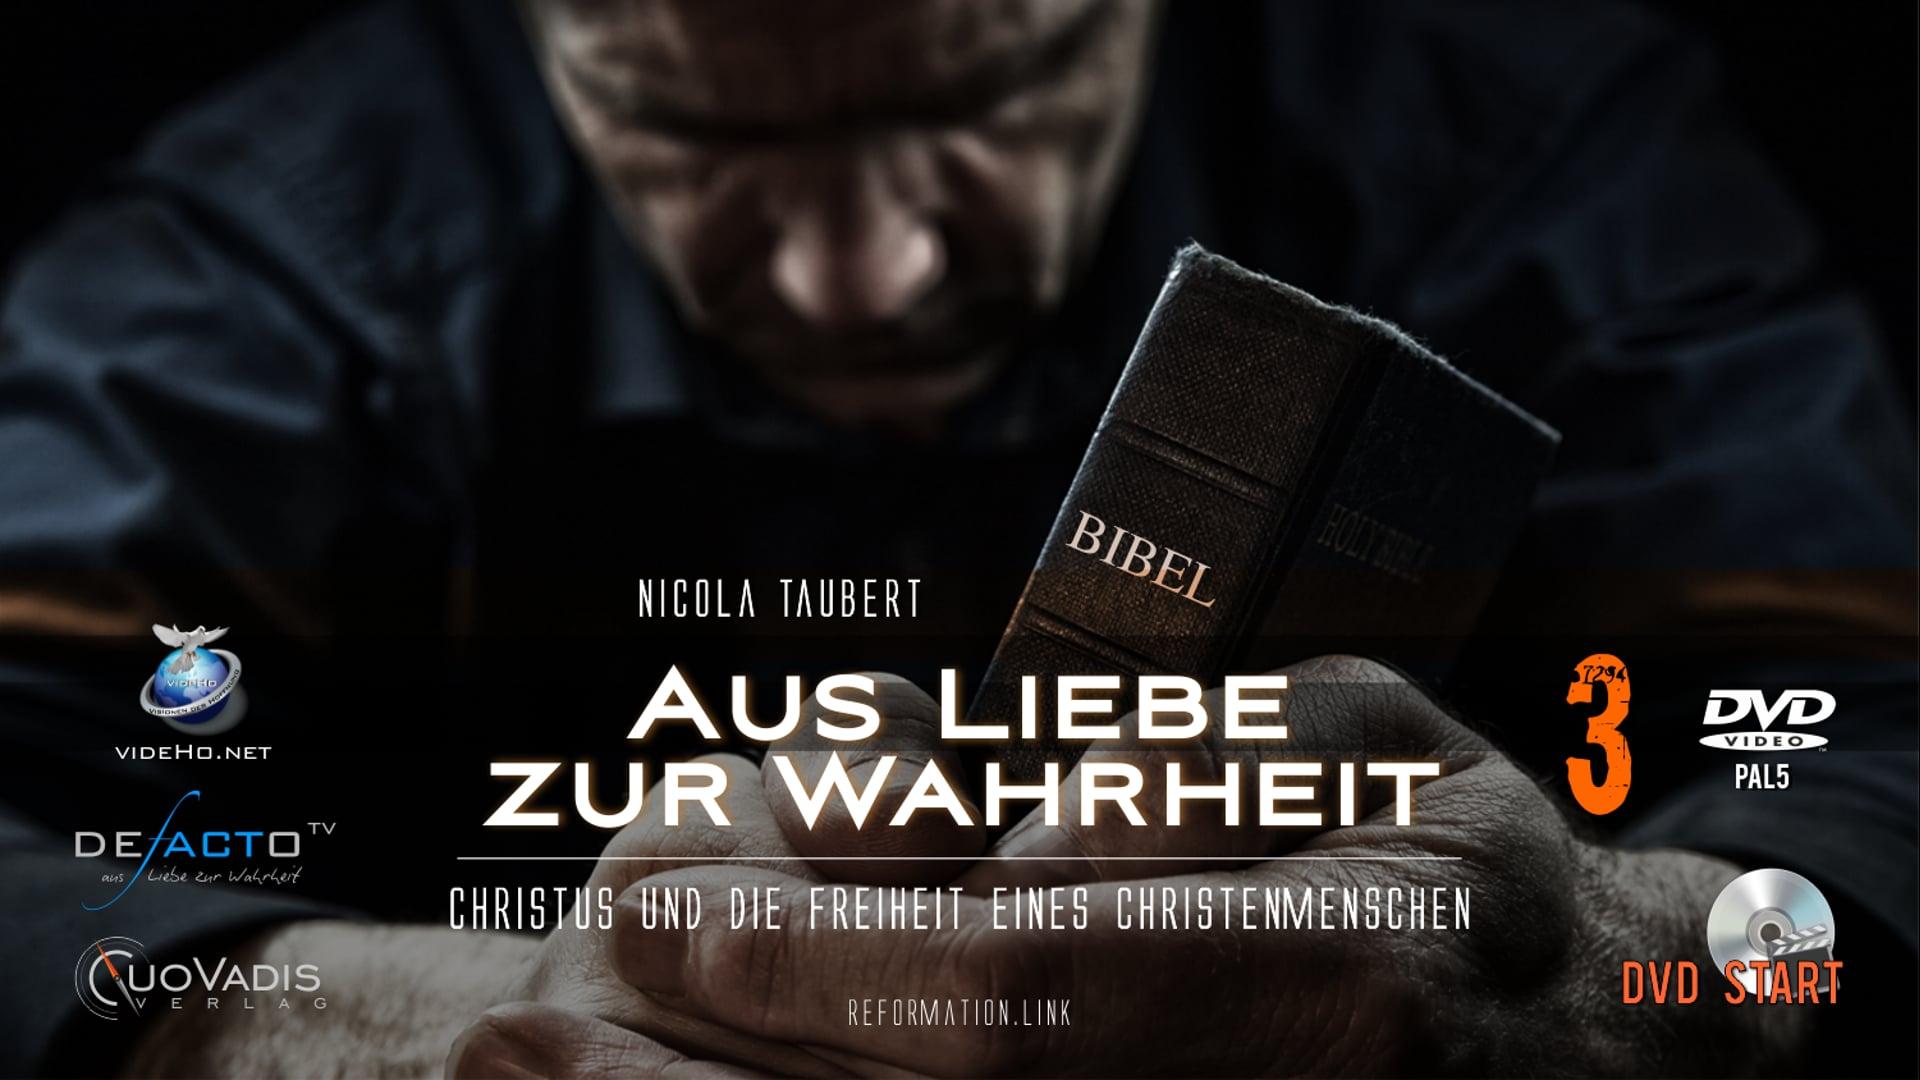 Nicola Taubert – Aus Liebe zur Wahrheit (RASCH Teil 3)